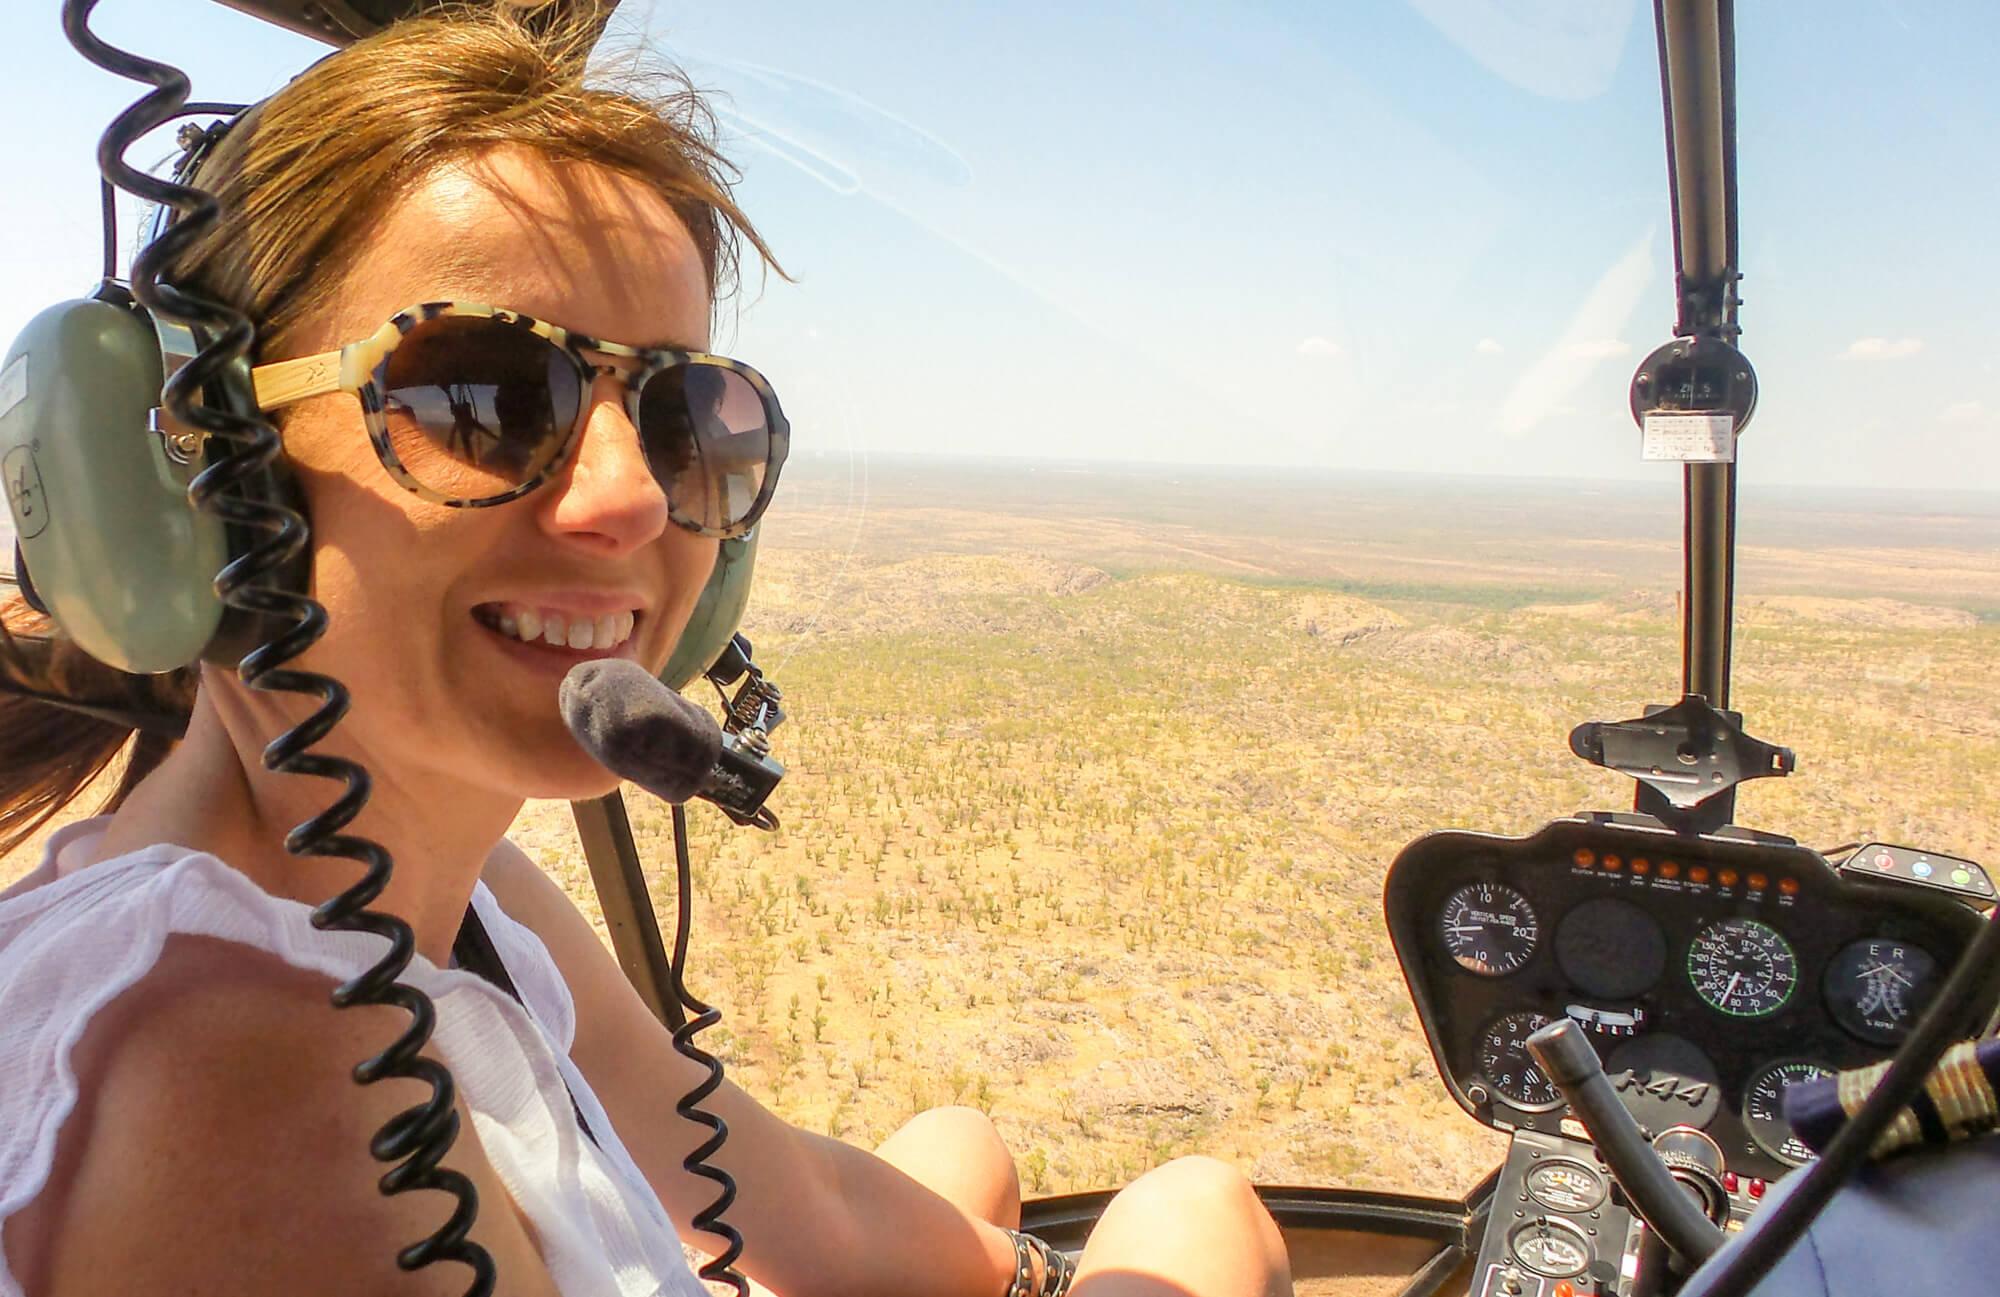 Steve's happy passenger, Lisa Messenger